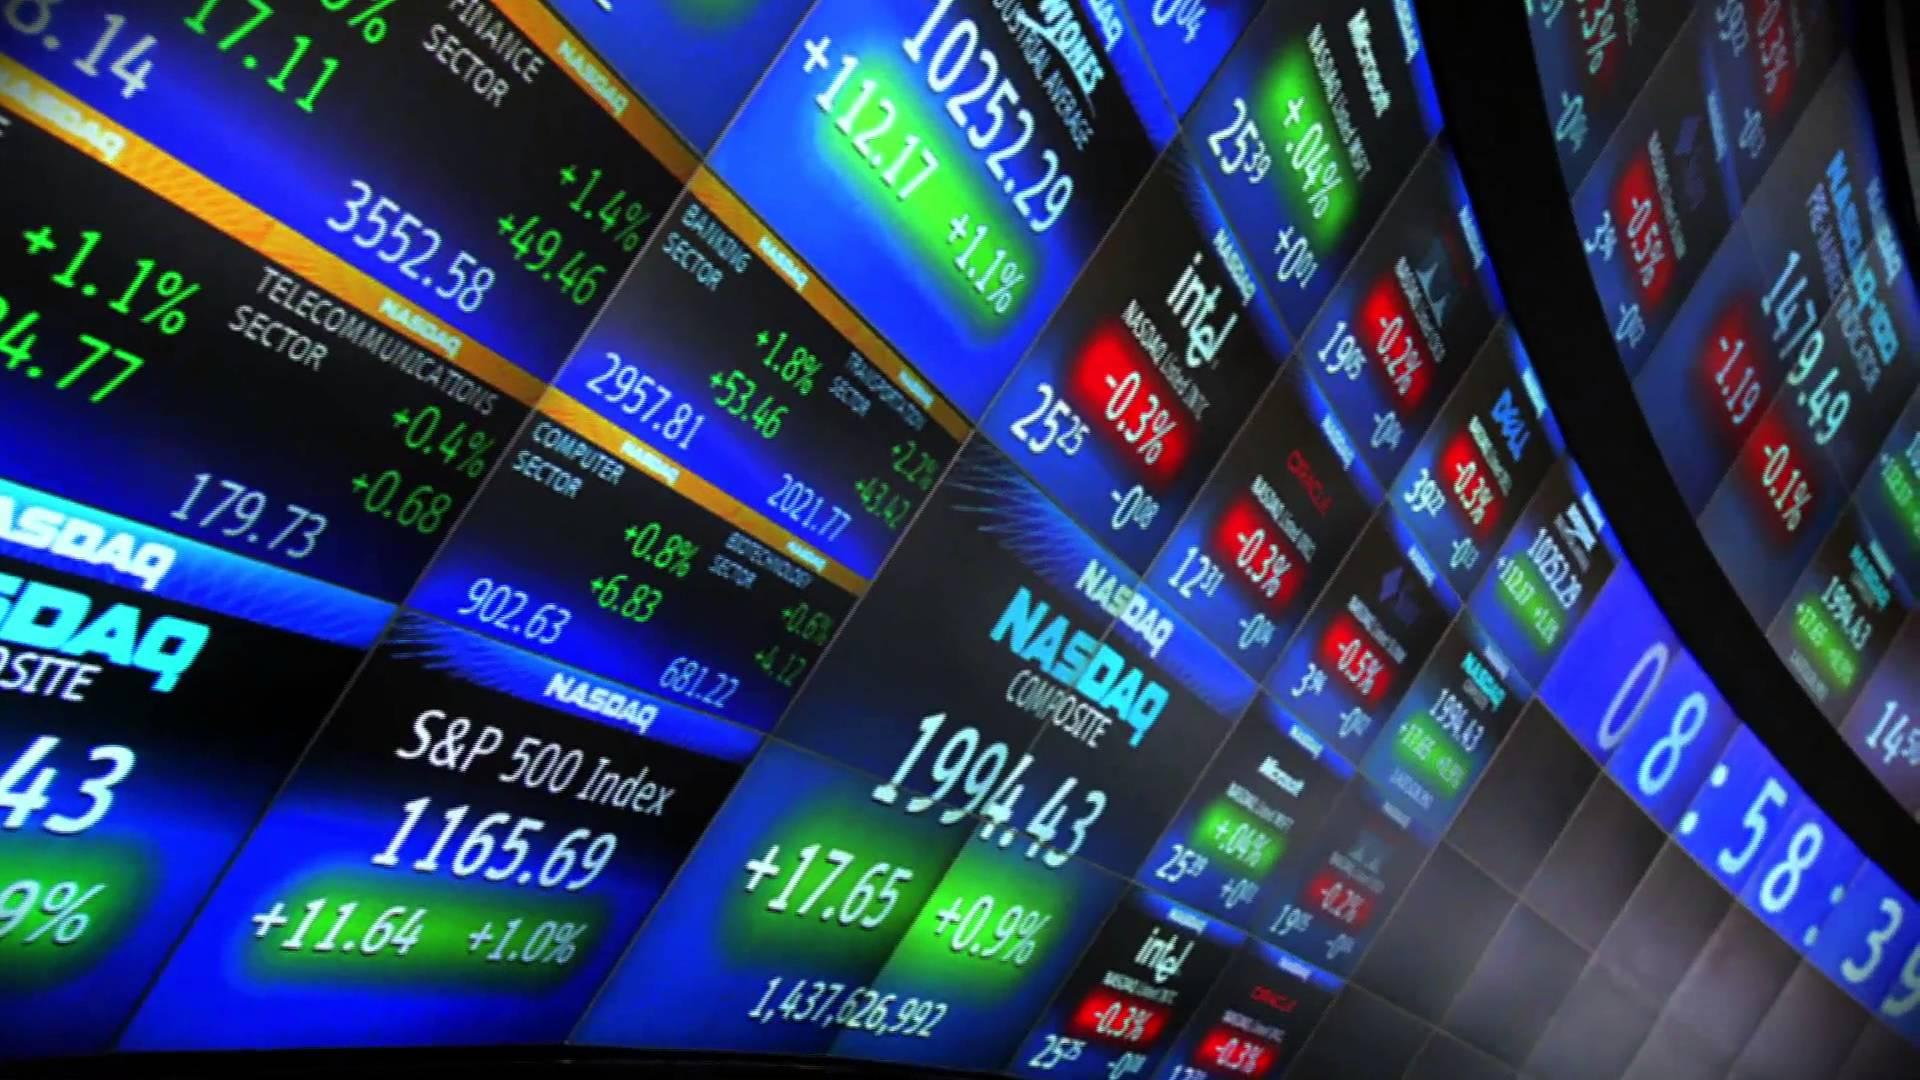 La De Una Financiero Empresa Nacional – Diario Del Quiebra Sistema FJ3l1cTK